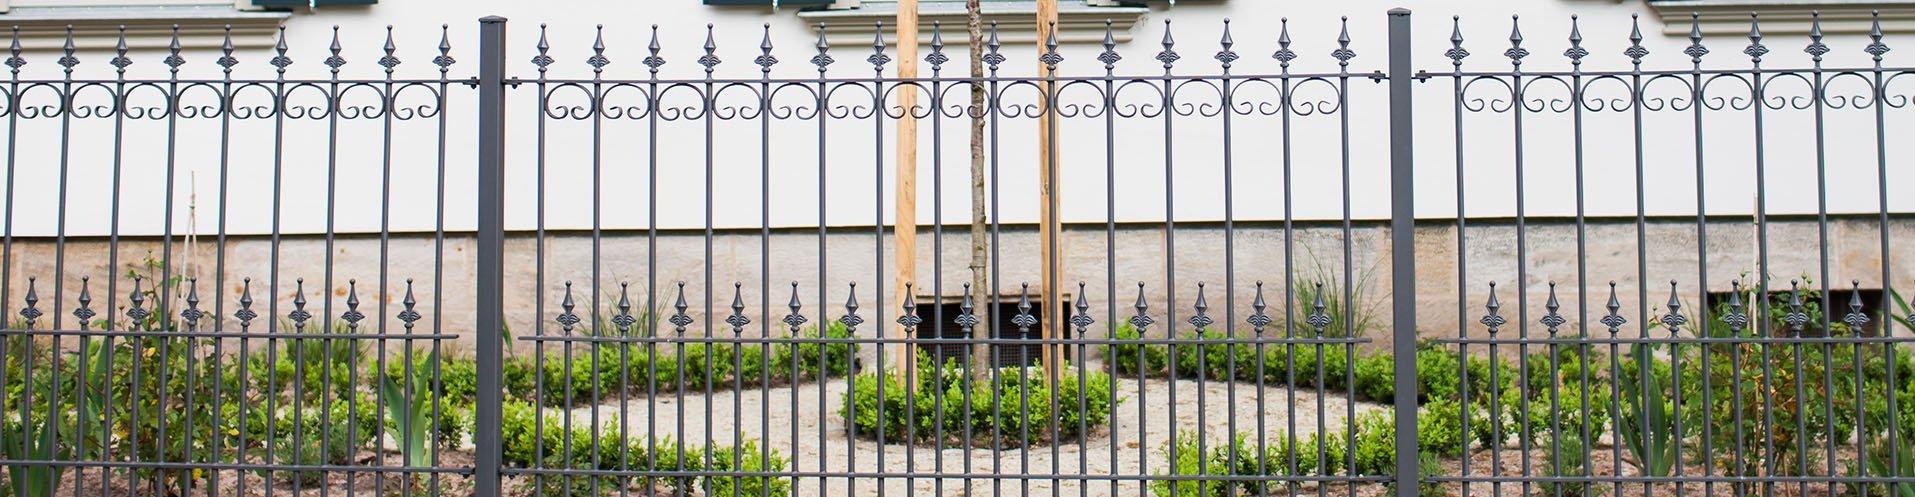 Antike schmiedeeiserne Zäune